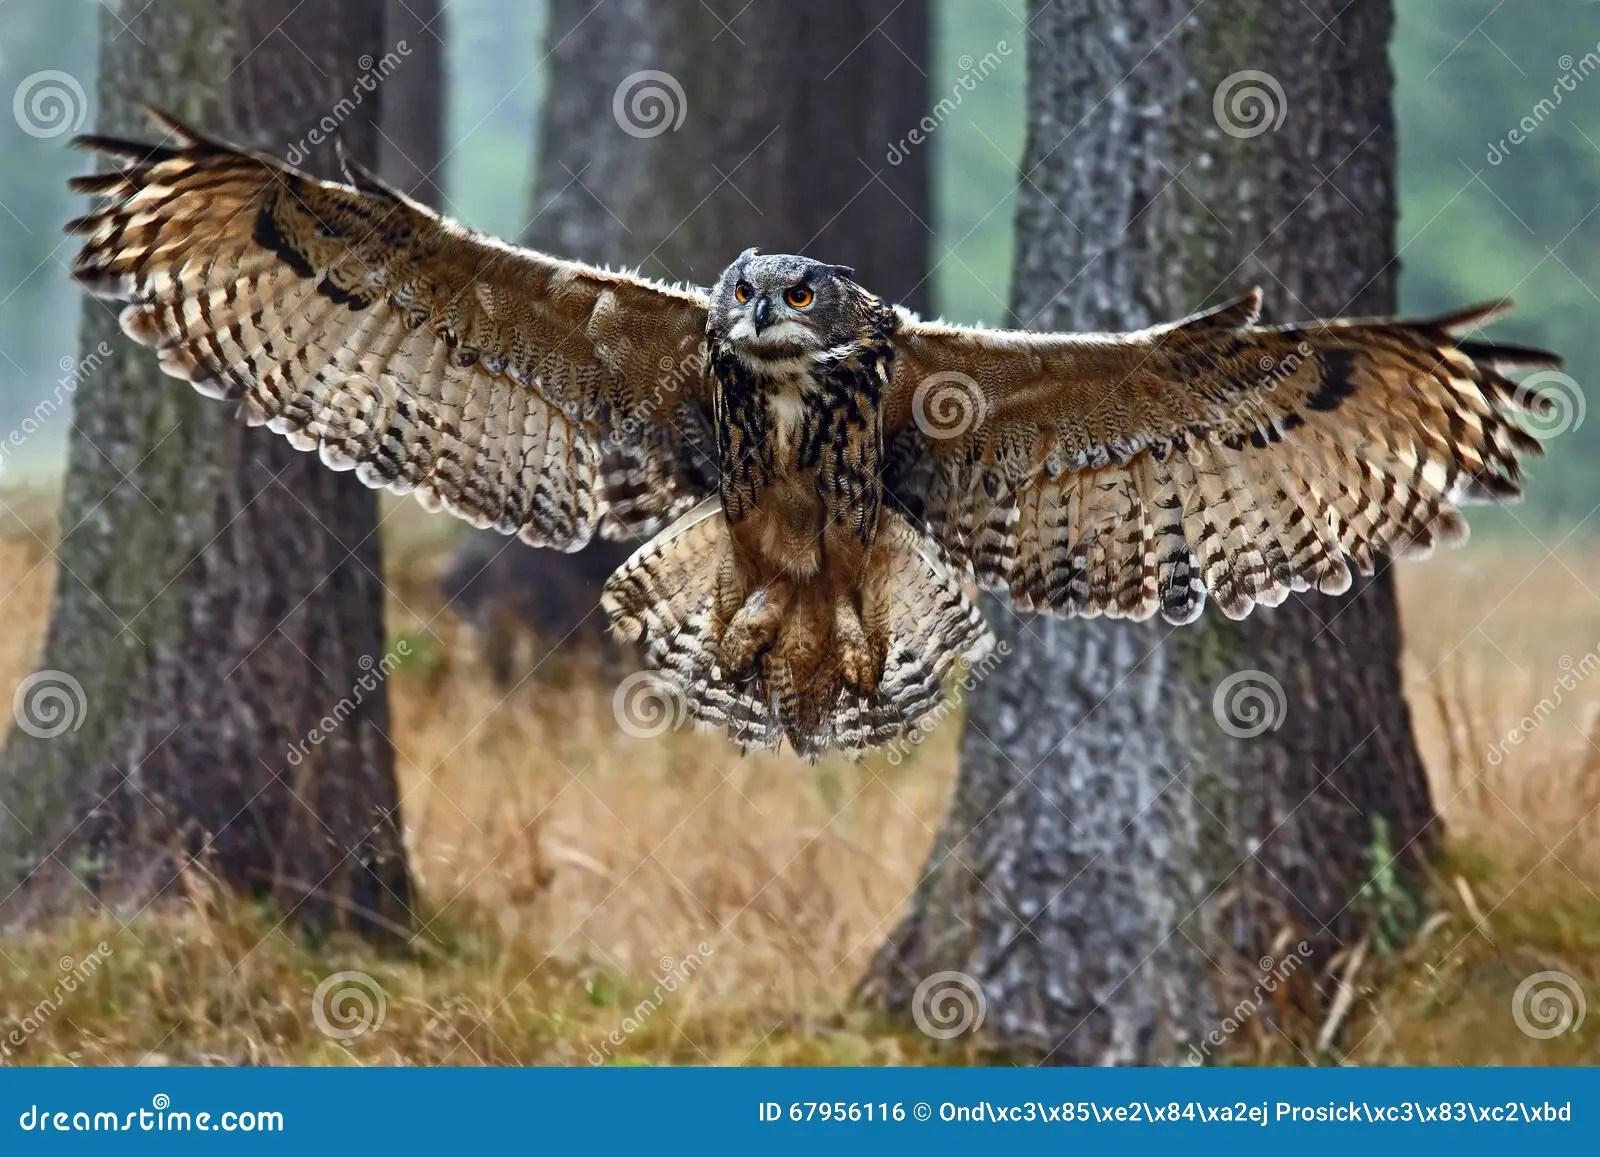 Eurasiatico Eagle Owl Del Vuelo Con Las Alas Abiertas En